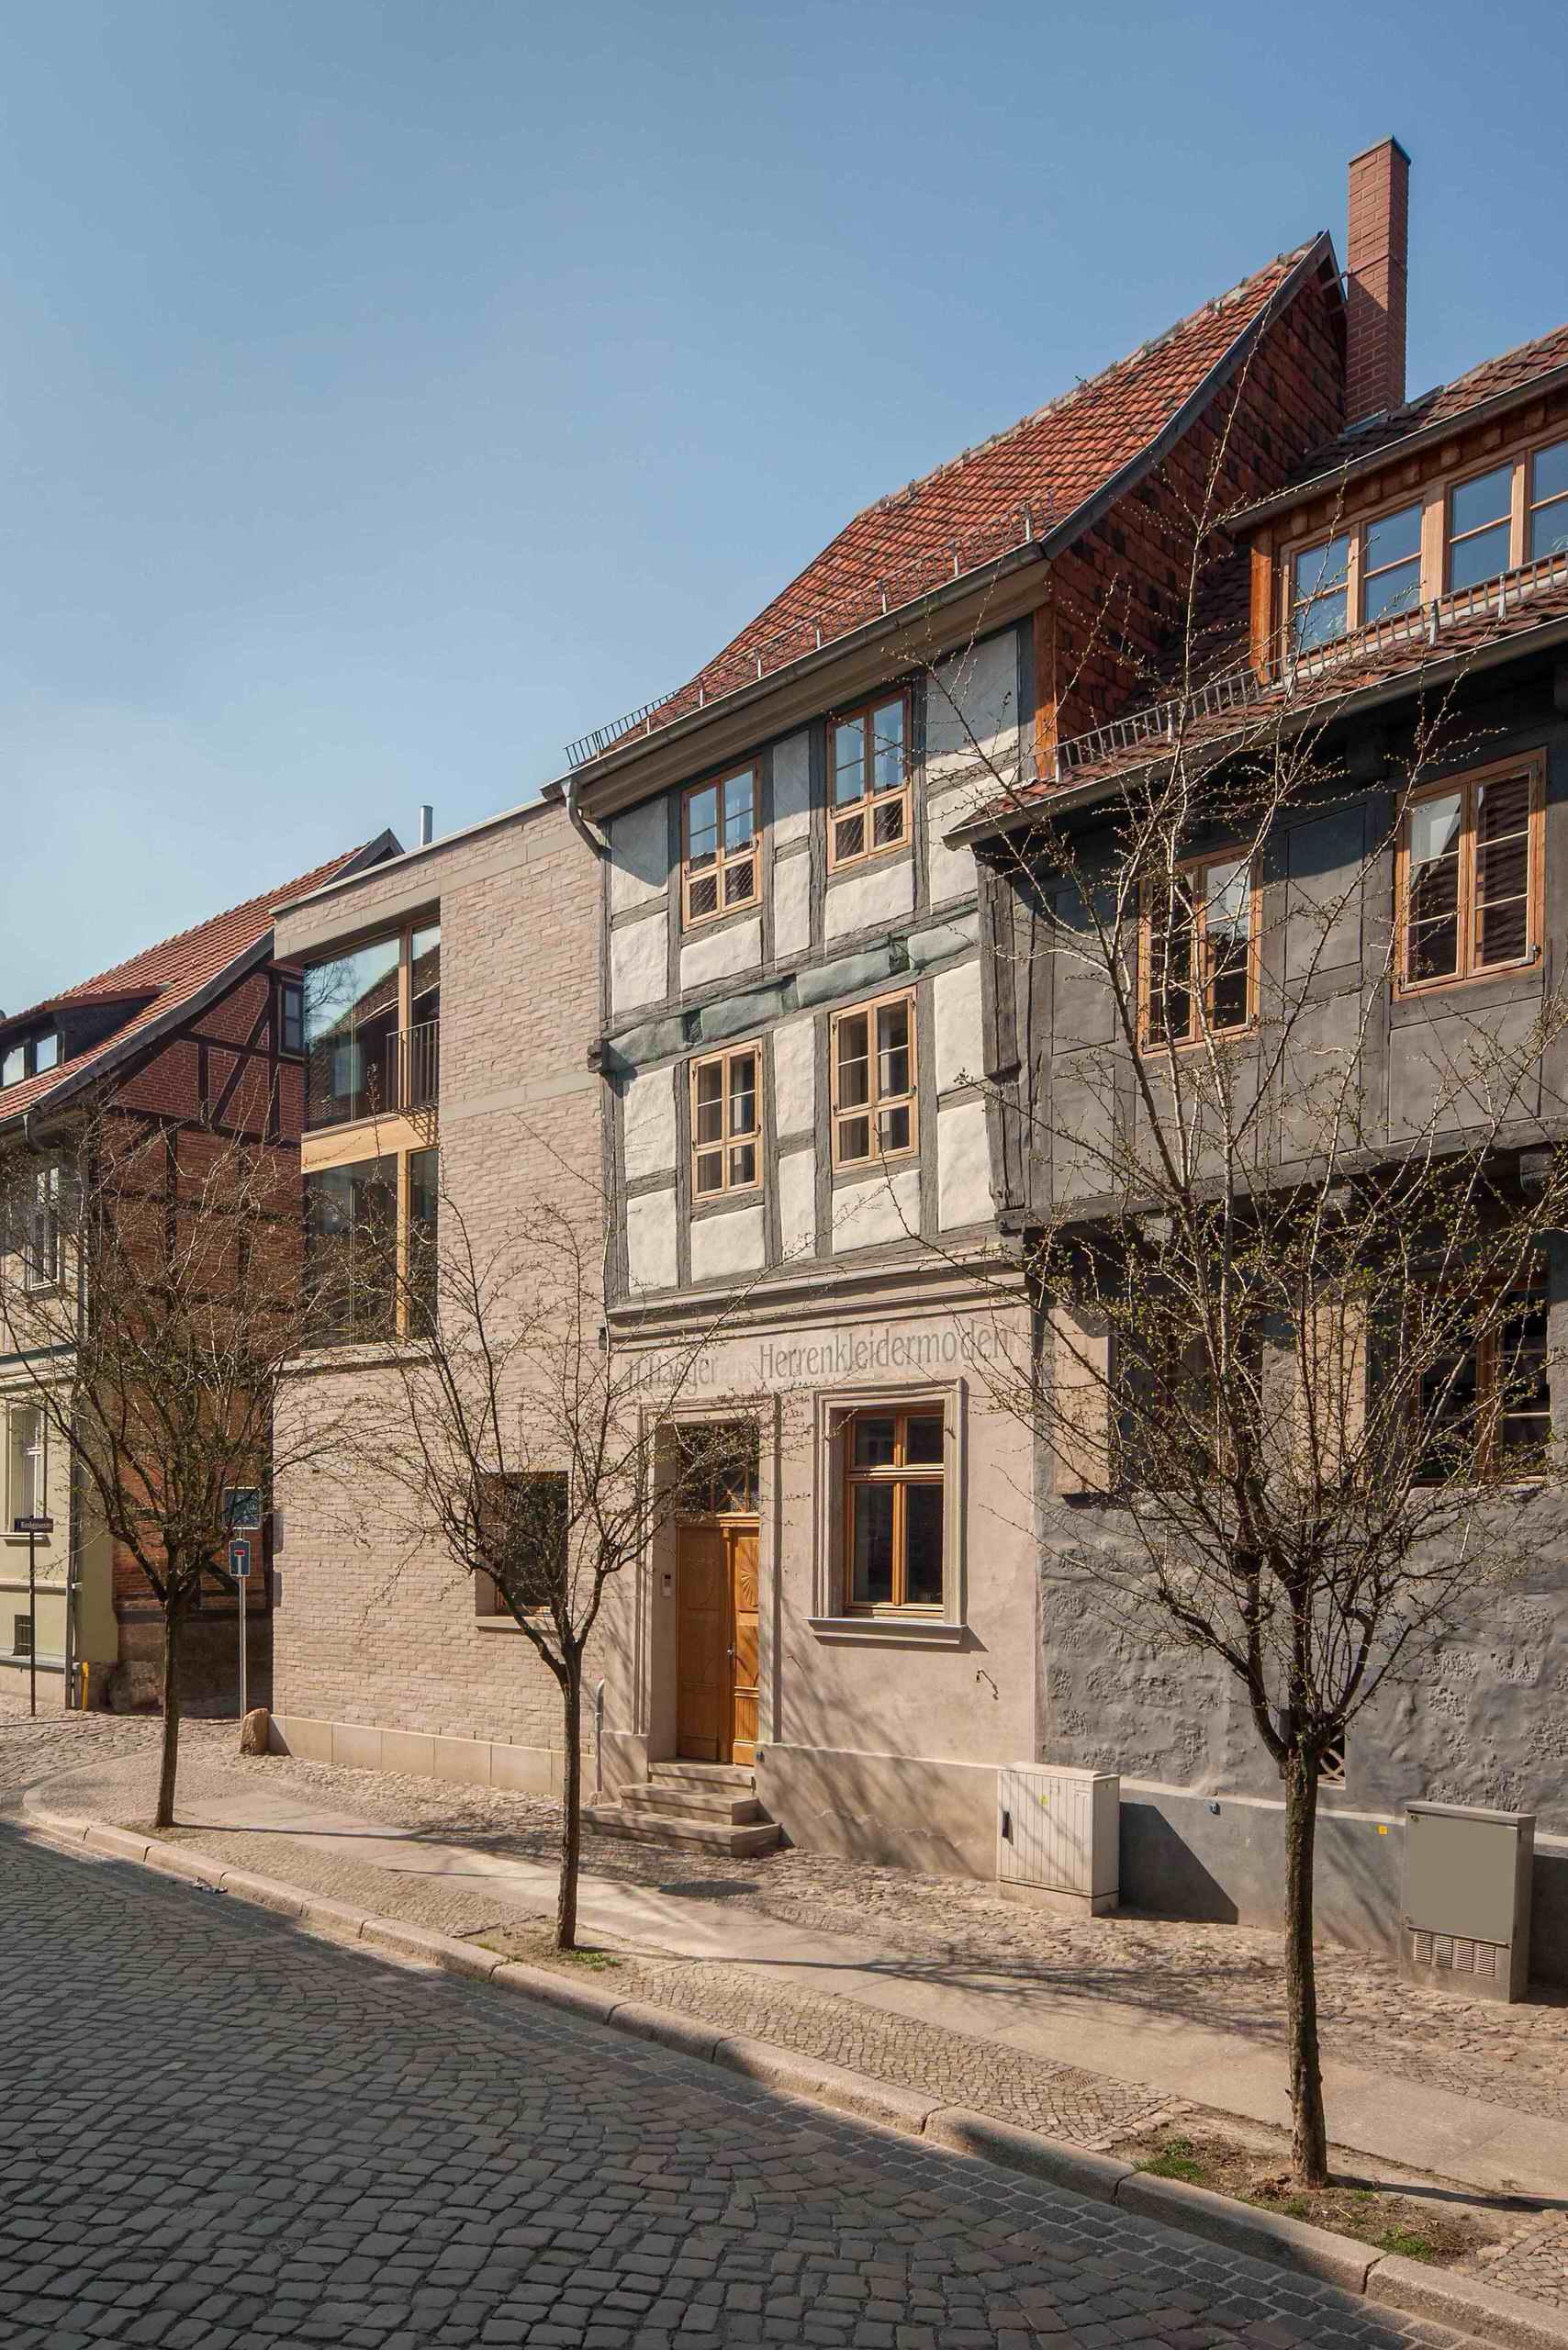 Architektur Mittelalterfachwerk trifft 21. Jahrhundert in Quedlinburg